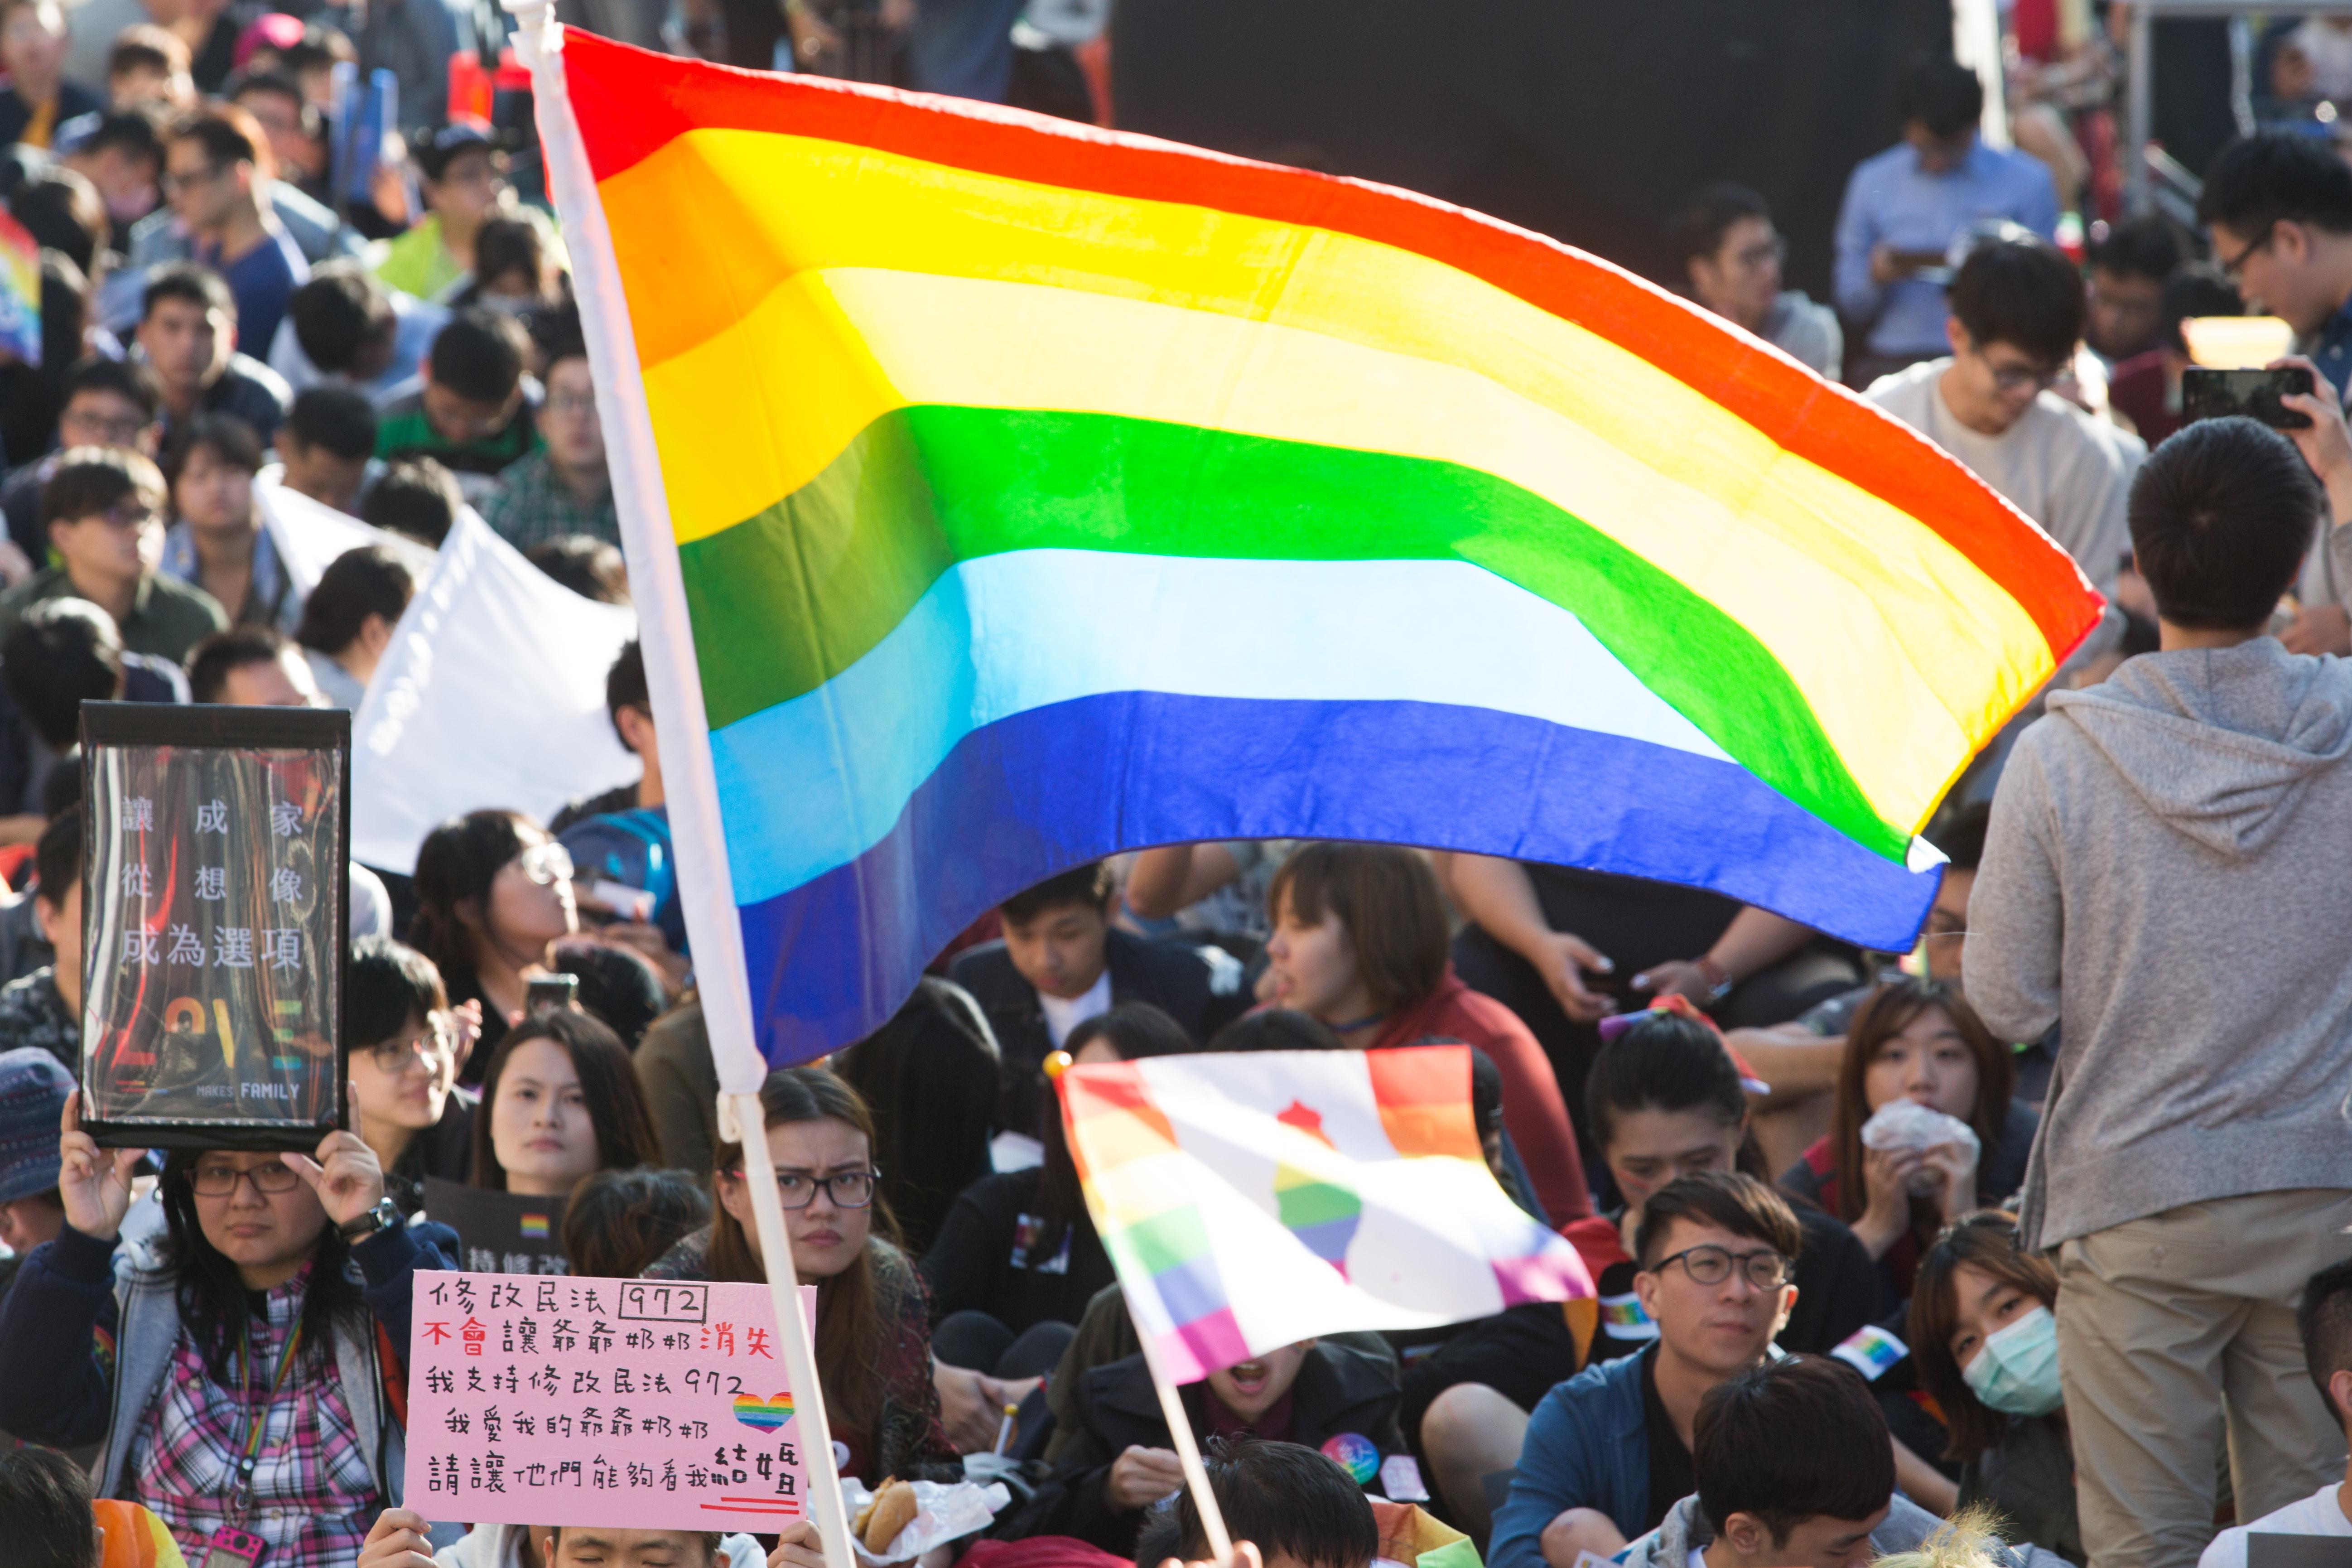 ▲▼1226婚姻平權法案,挺同團體,彩虹旗(圖/記者季相儒攝)